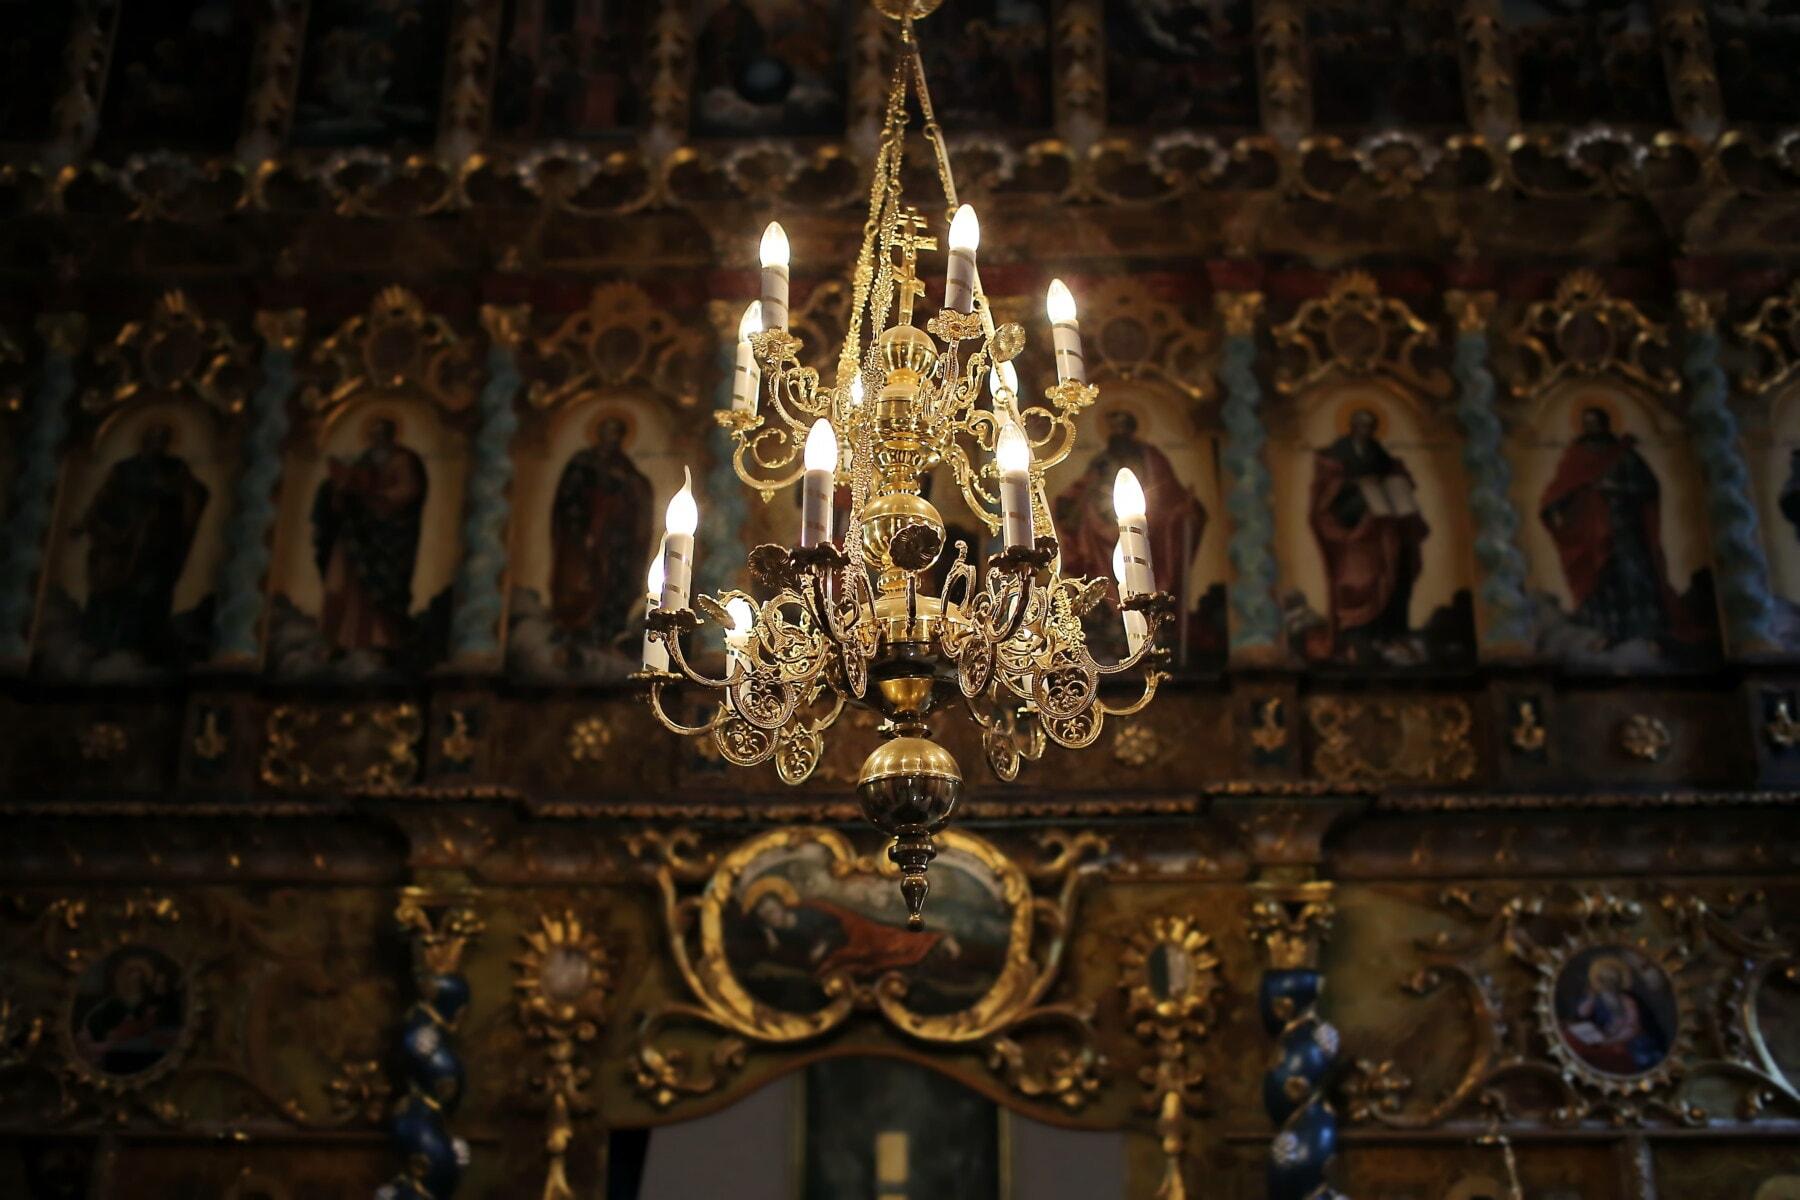 goldener Glanz, orthodoxe, Kronleuchter, Schatten, Altar, Kirche, Architektur, Religion, Skulptur, Kerze